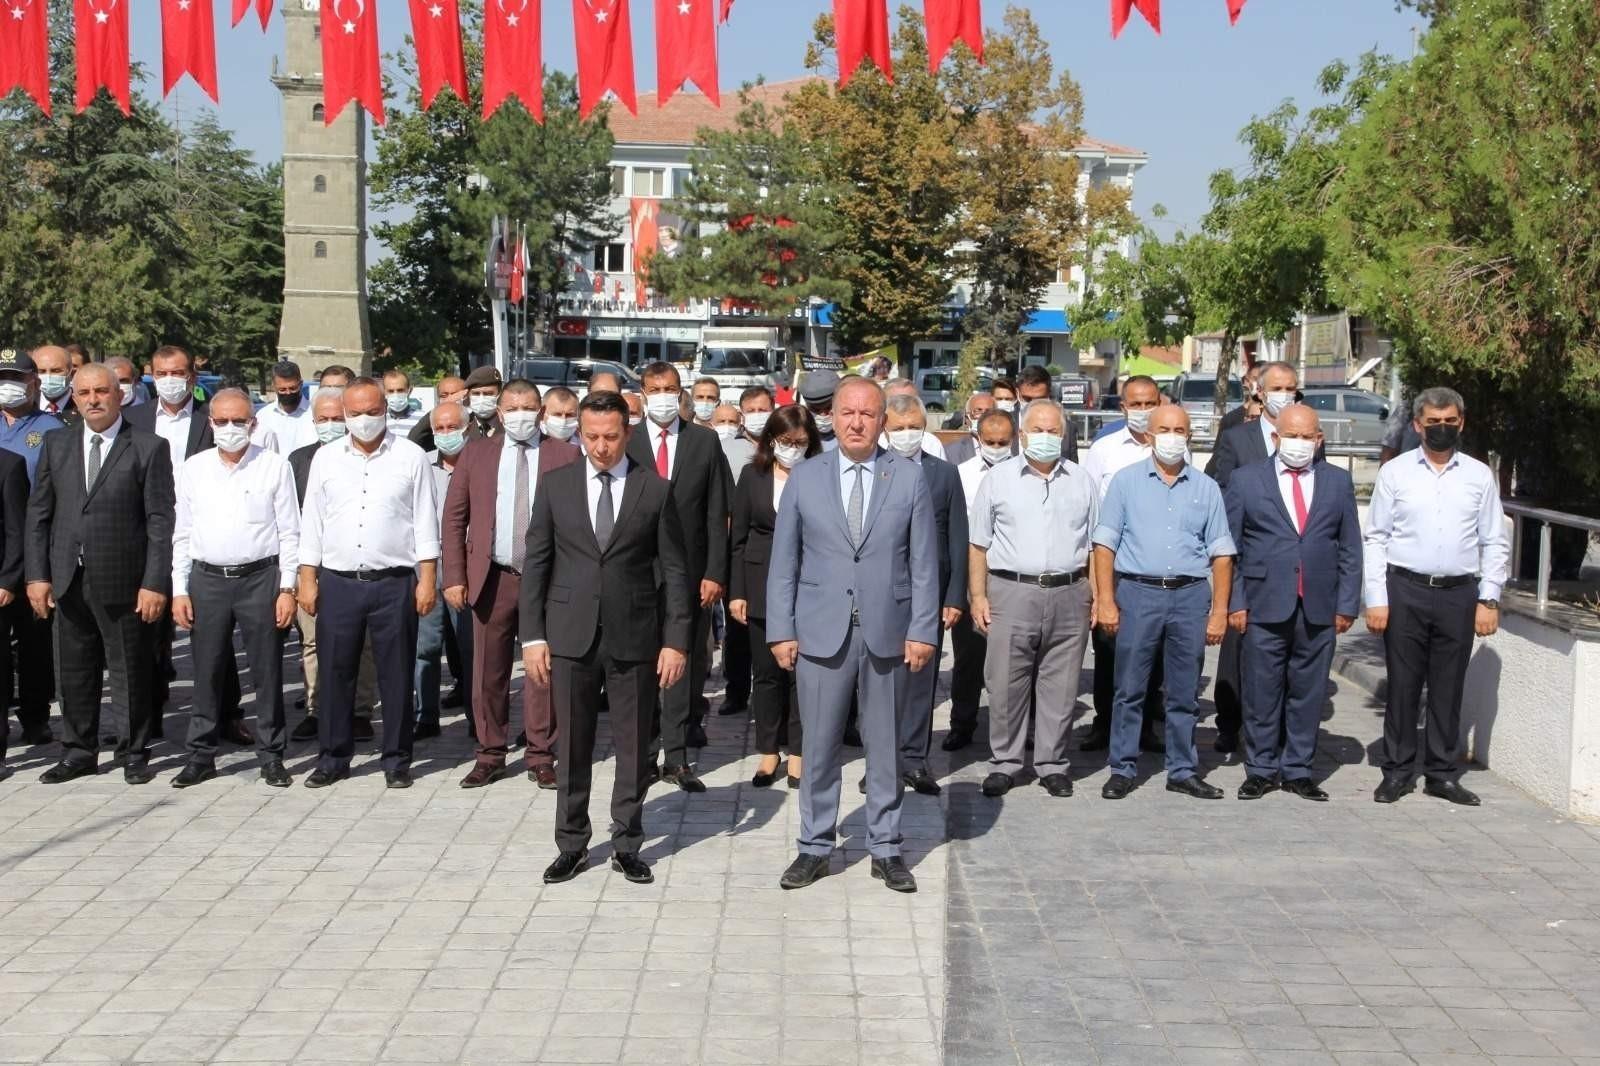 Sungurlu'da büyük zafer'in 99. yıl dönümü kutlandı